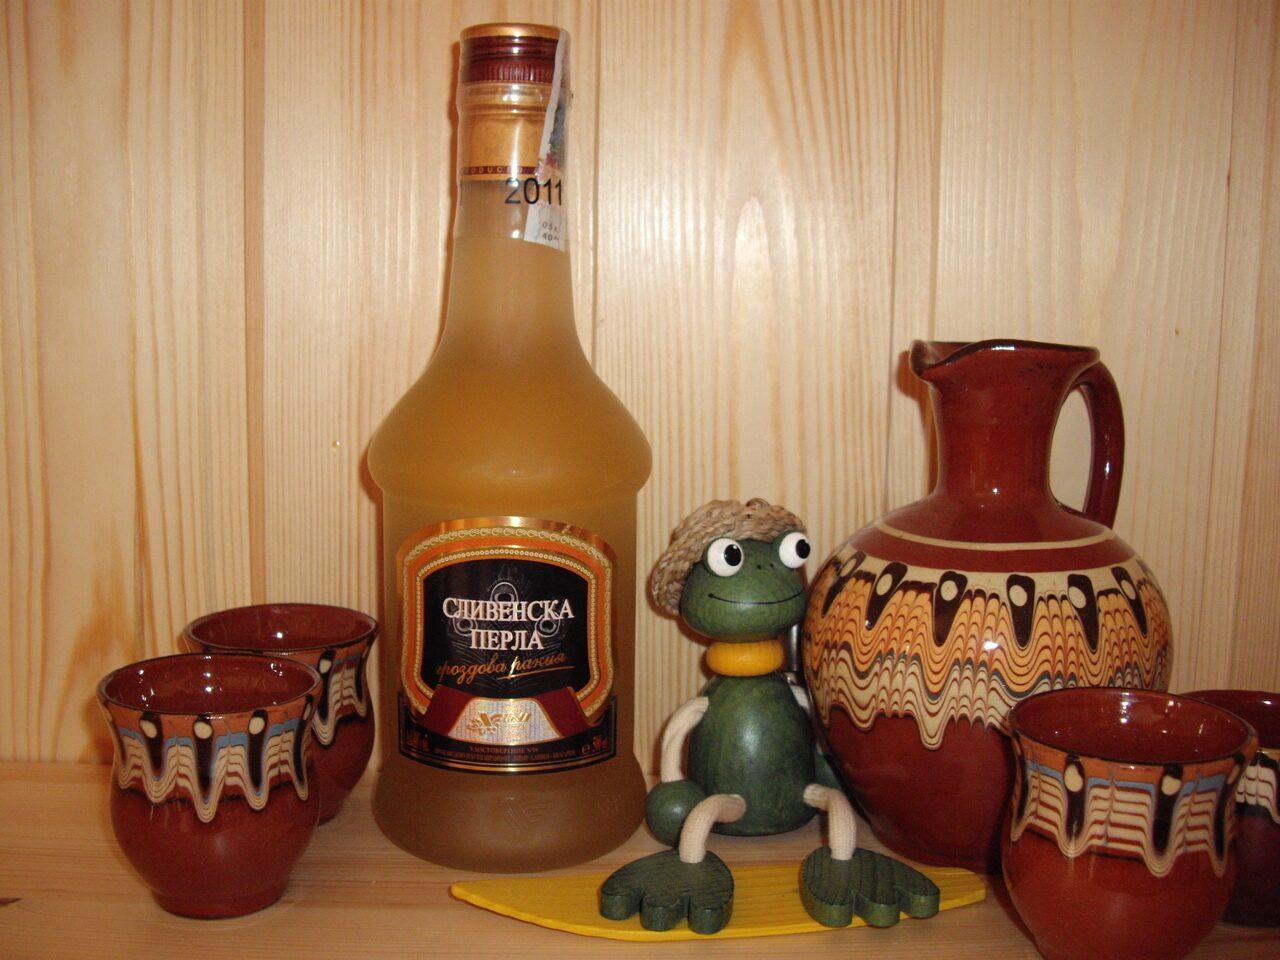 Кедровка настойка самогона (водки, спирта) на кедровых 84